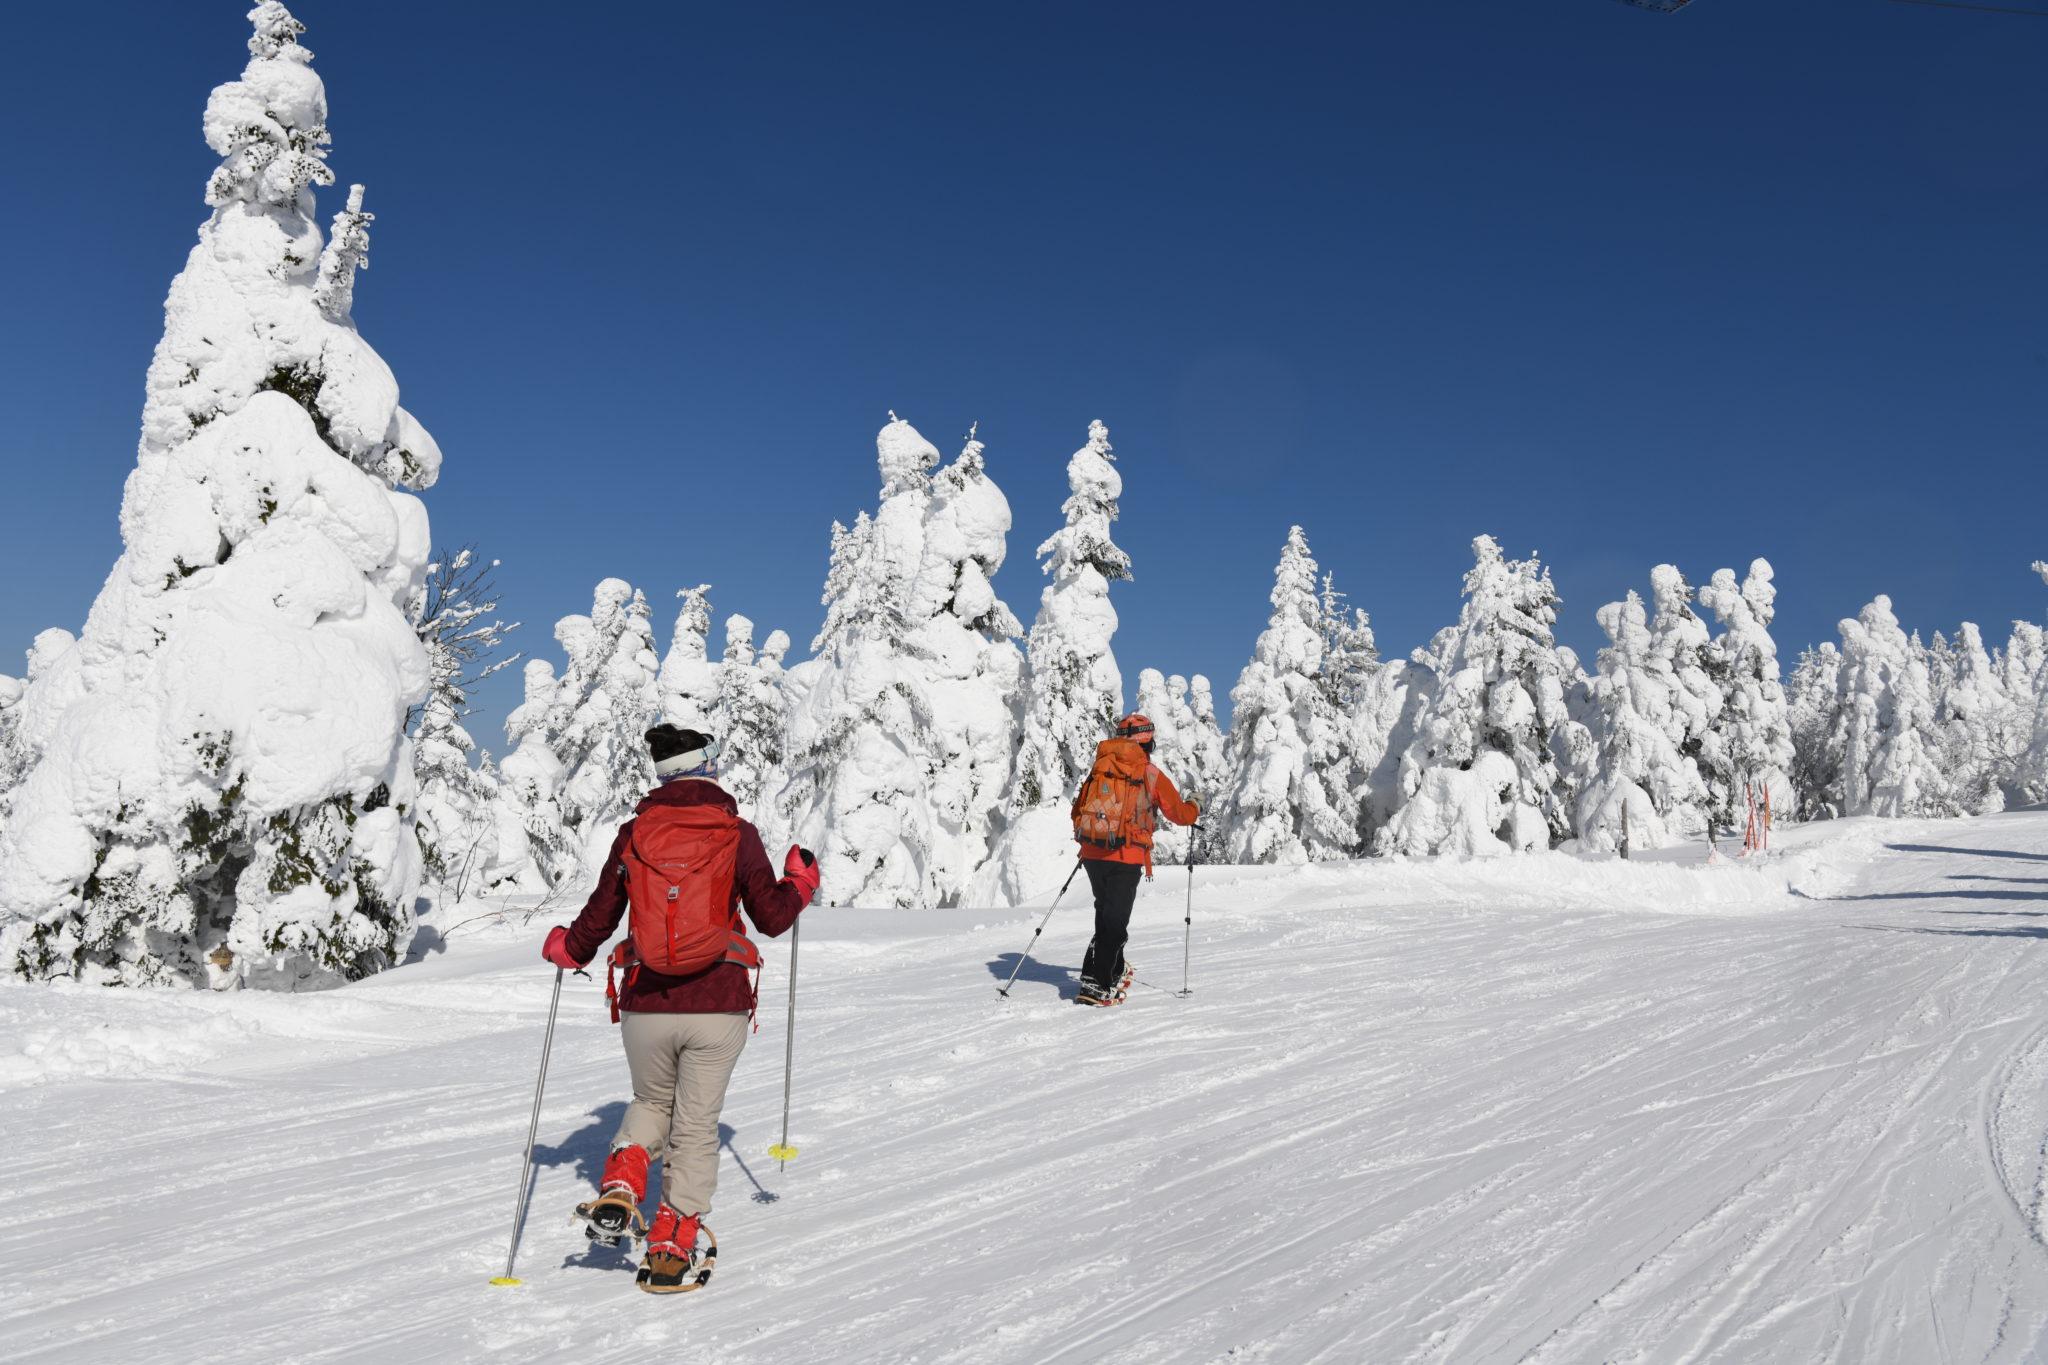 蔵王山岳インストラクターがご案内!樹氷☆霧氷を楽しみながらのかんじきスノートレッキング【ご予約はこちらから】